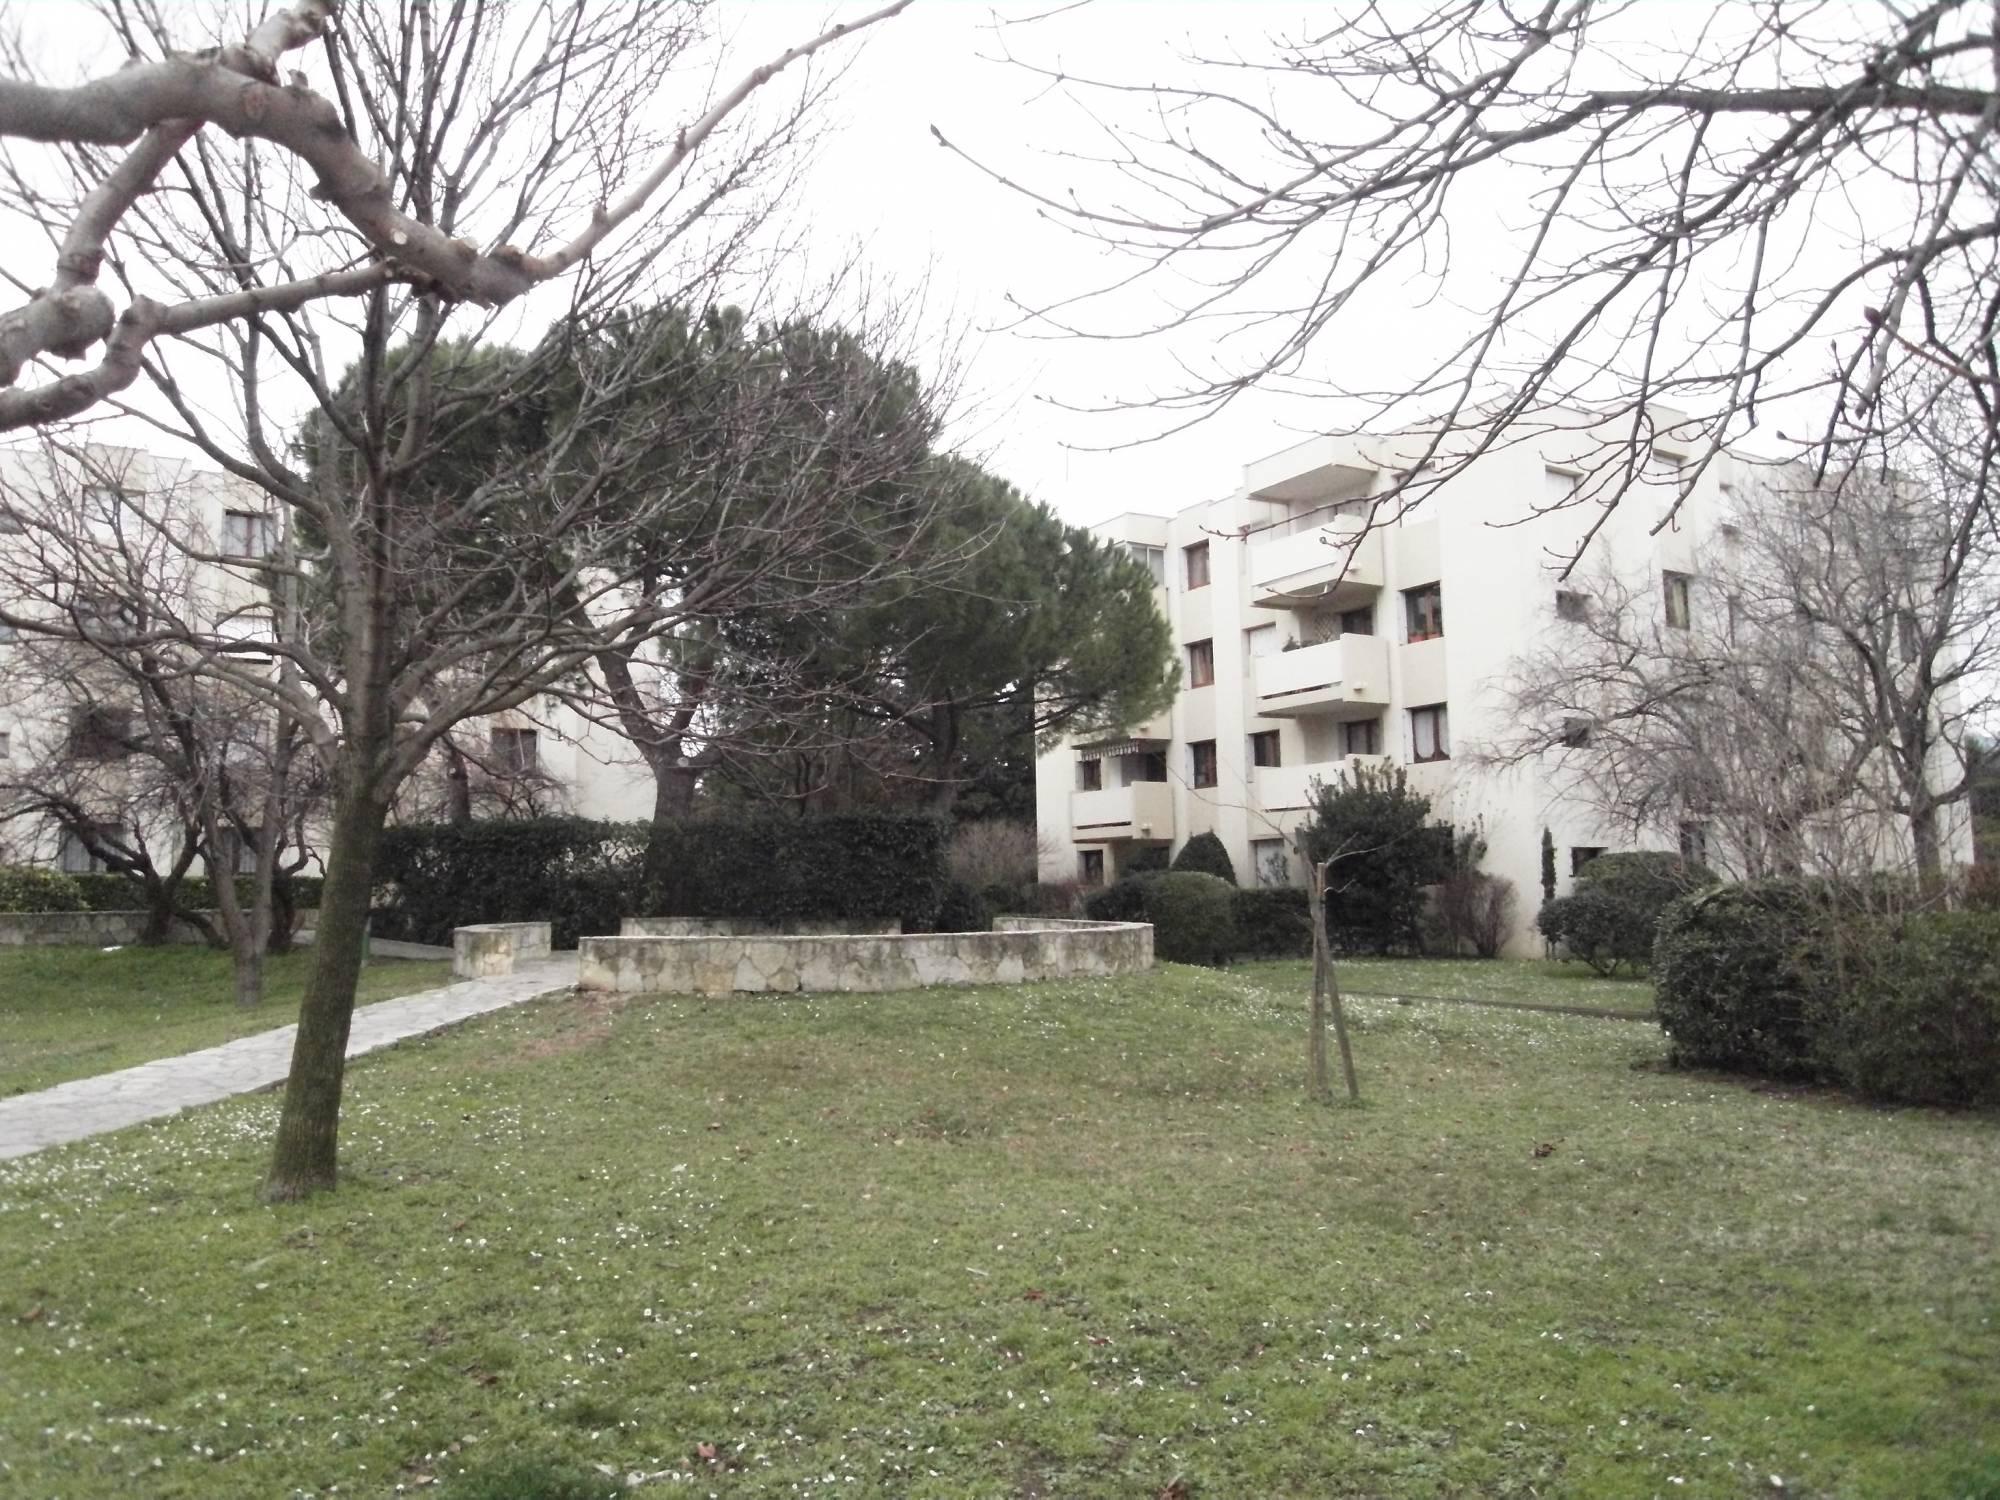 Location appartement type 1 à Sainte Anne Marseille 13008 Entièrement rénové